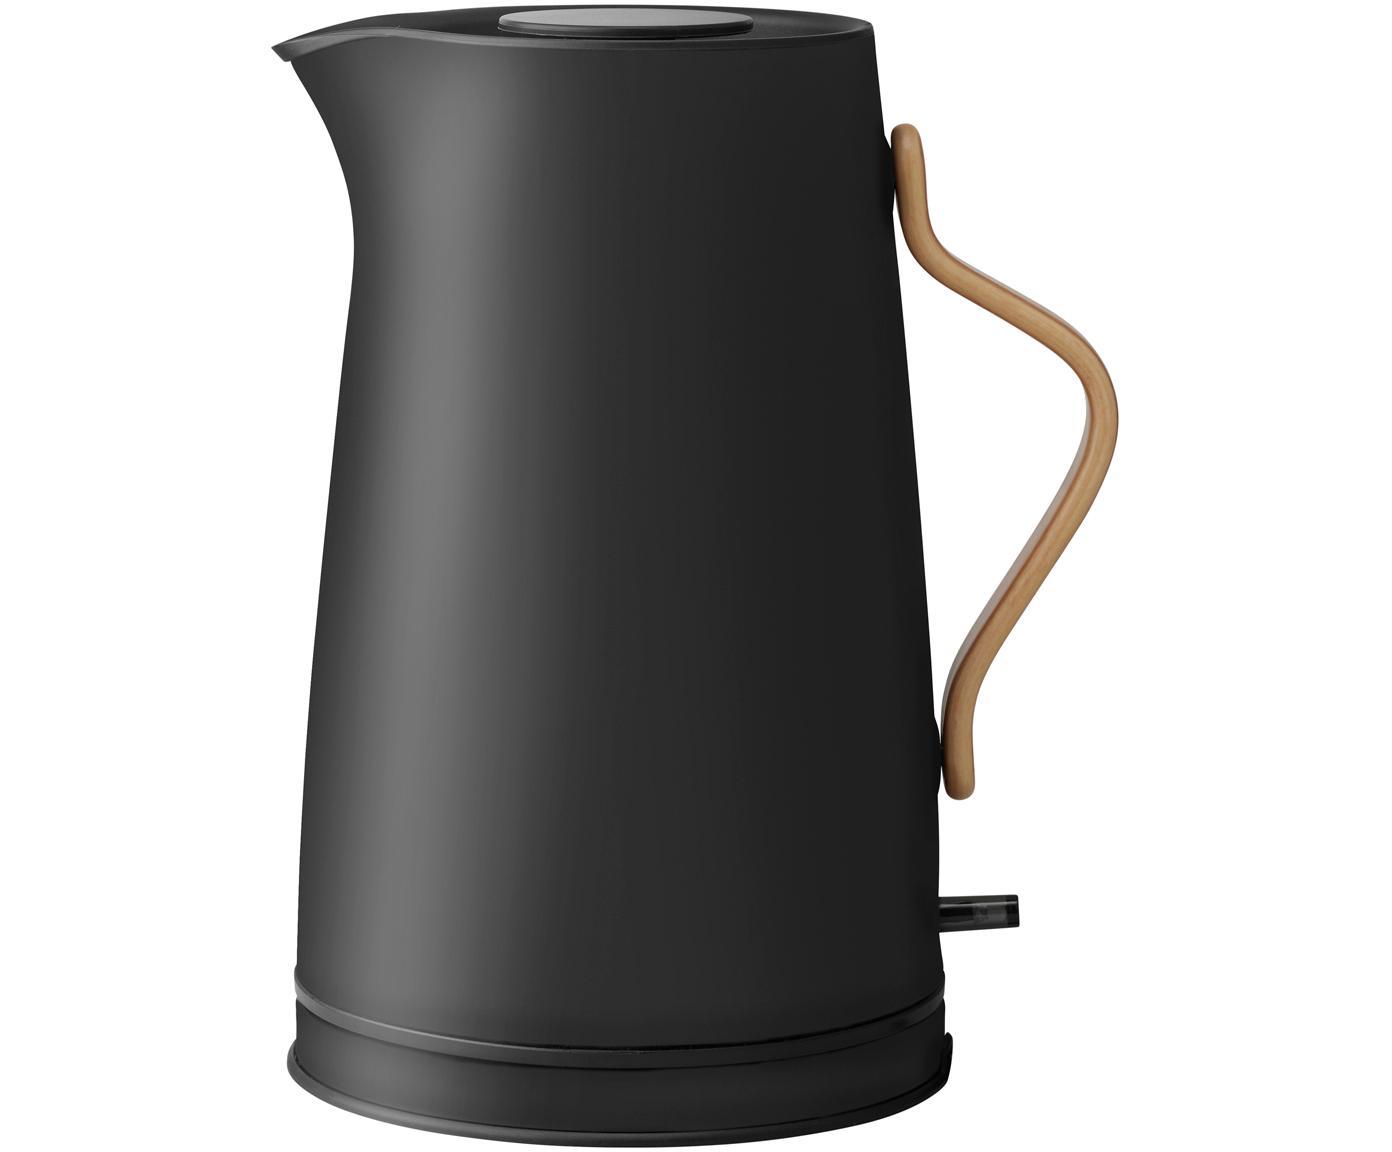 Czajnik elektryczny Emma czarny matowy, czarny matowy, Średnica: 20 cm